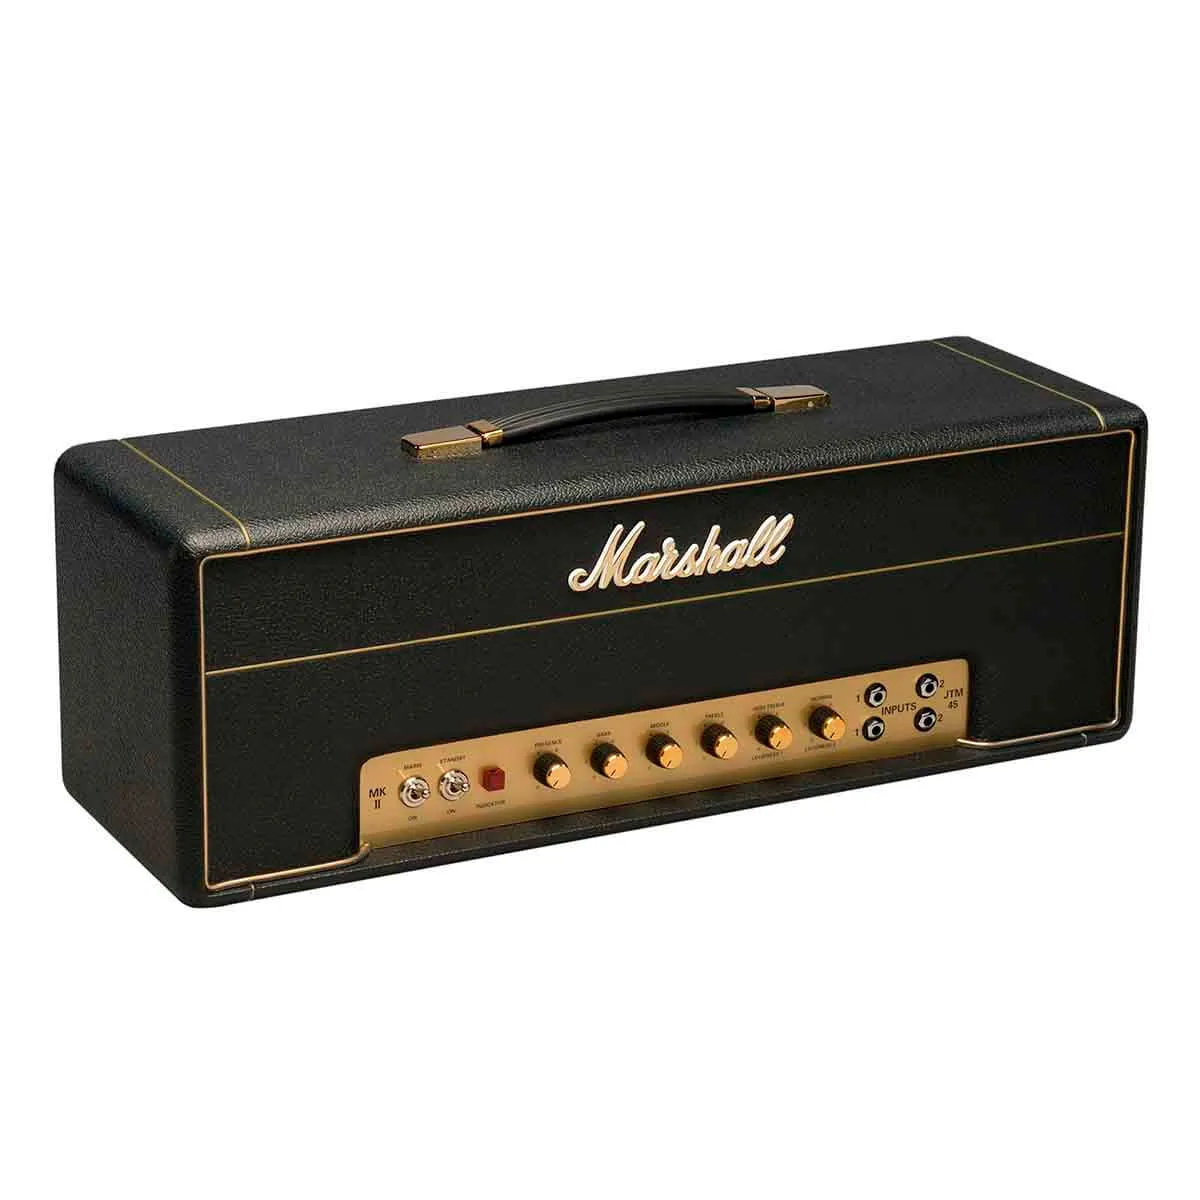 Cabeçote Marshall JTM45 2245 30W para Guitarra